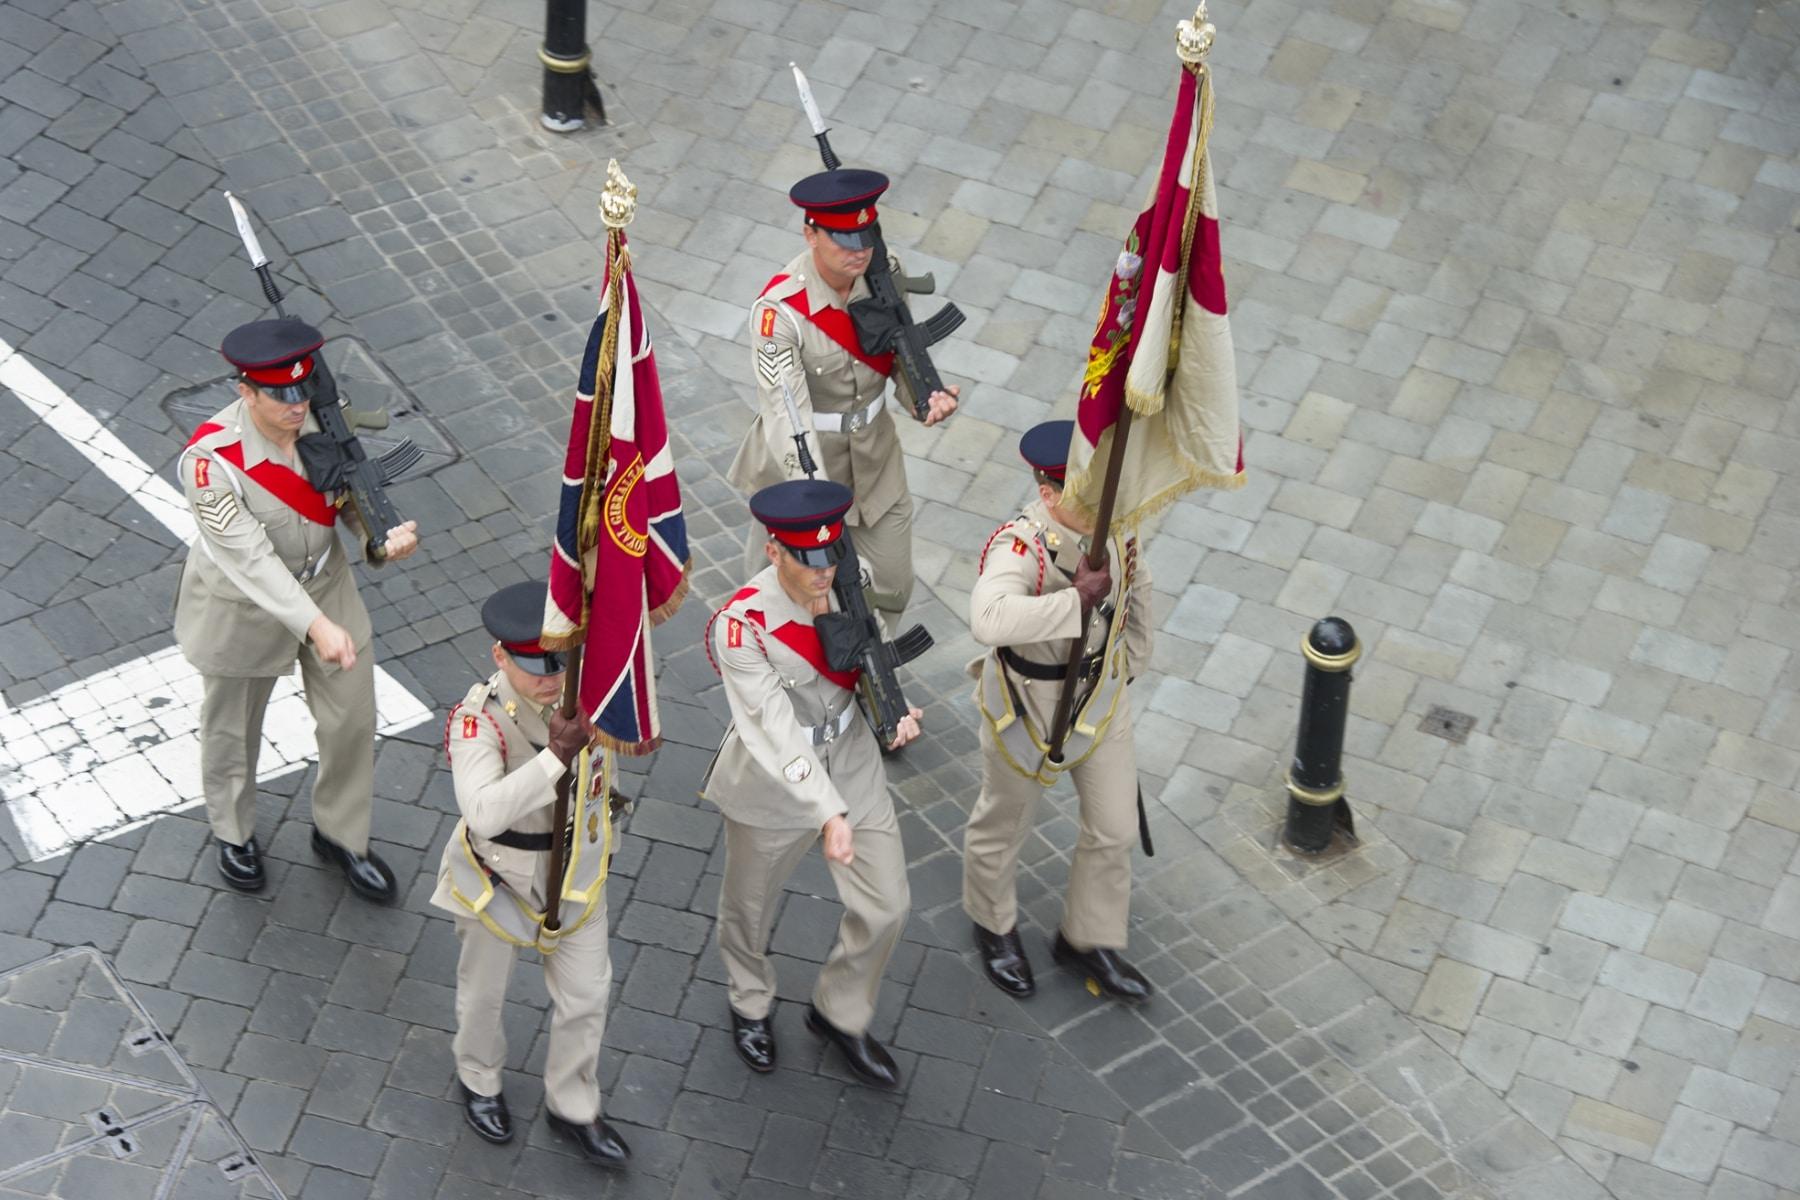 desfile-de-la-libertad-de-la-ciudad-gibraltar07_9858770136_o